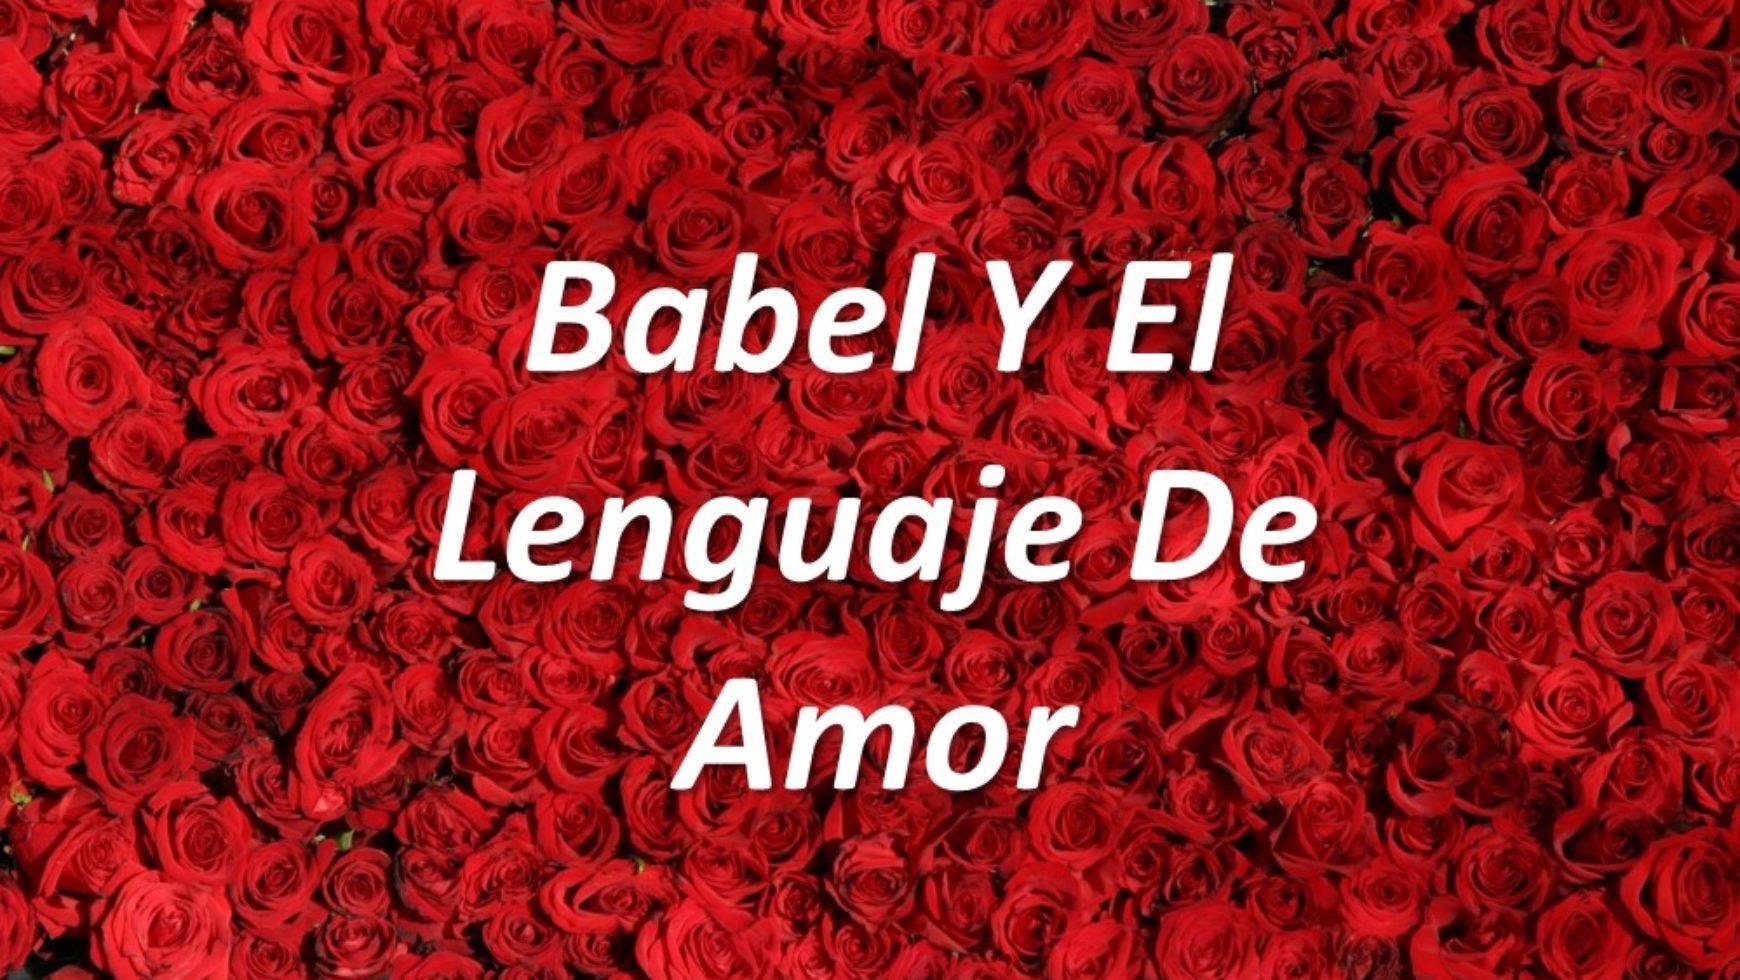 Babel Y El Lenguaje De Amor